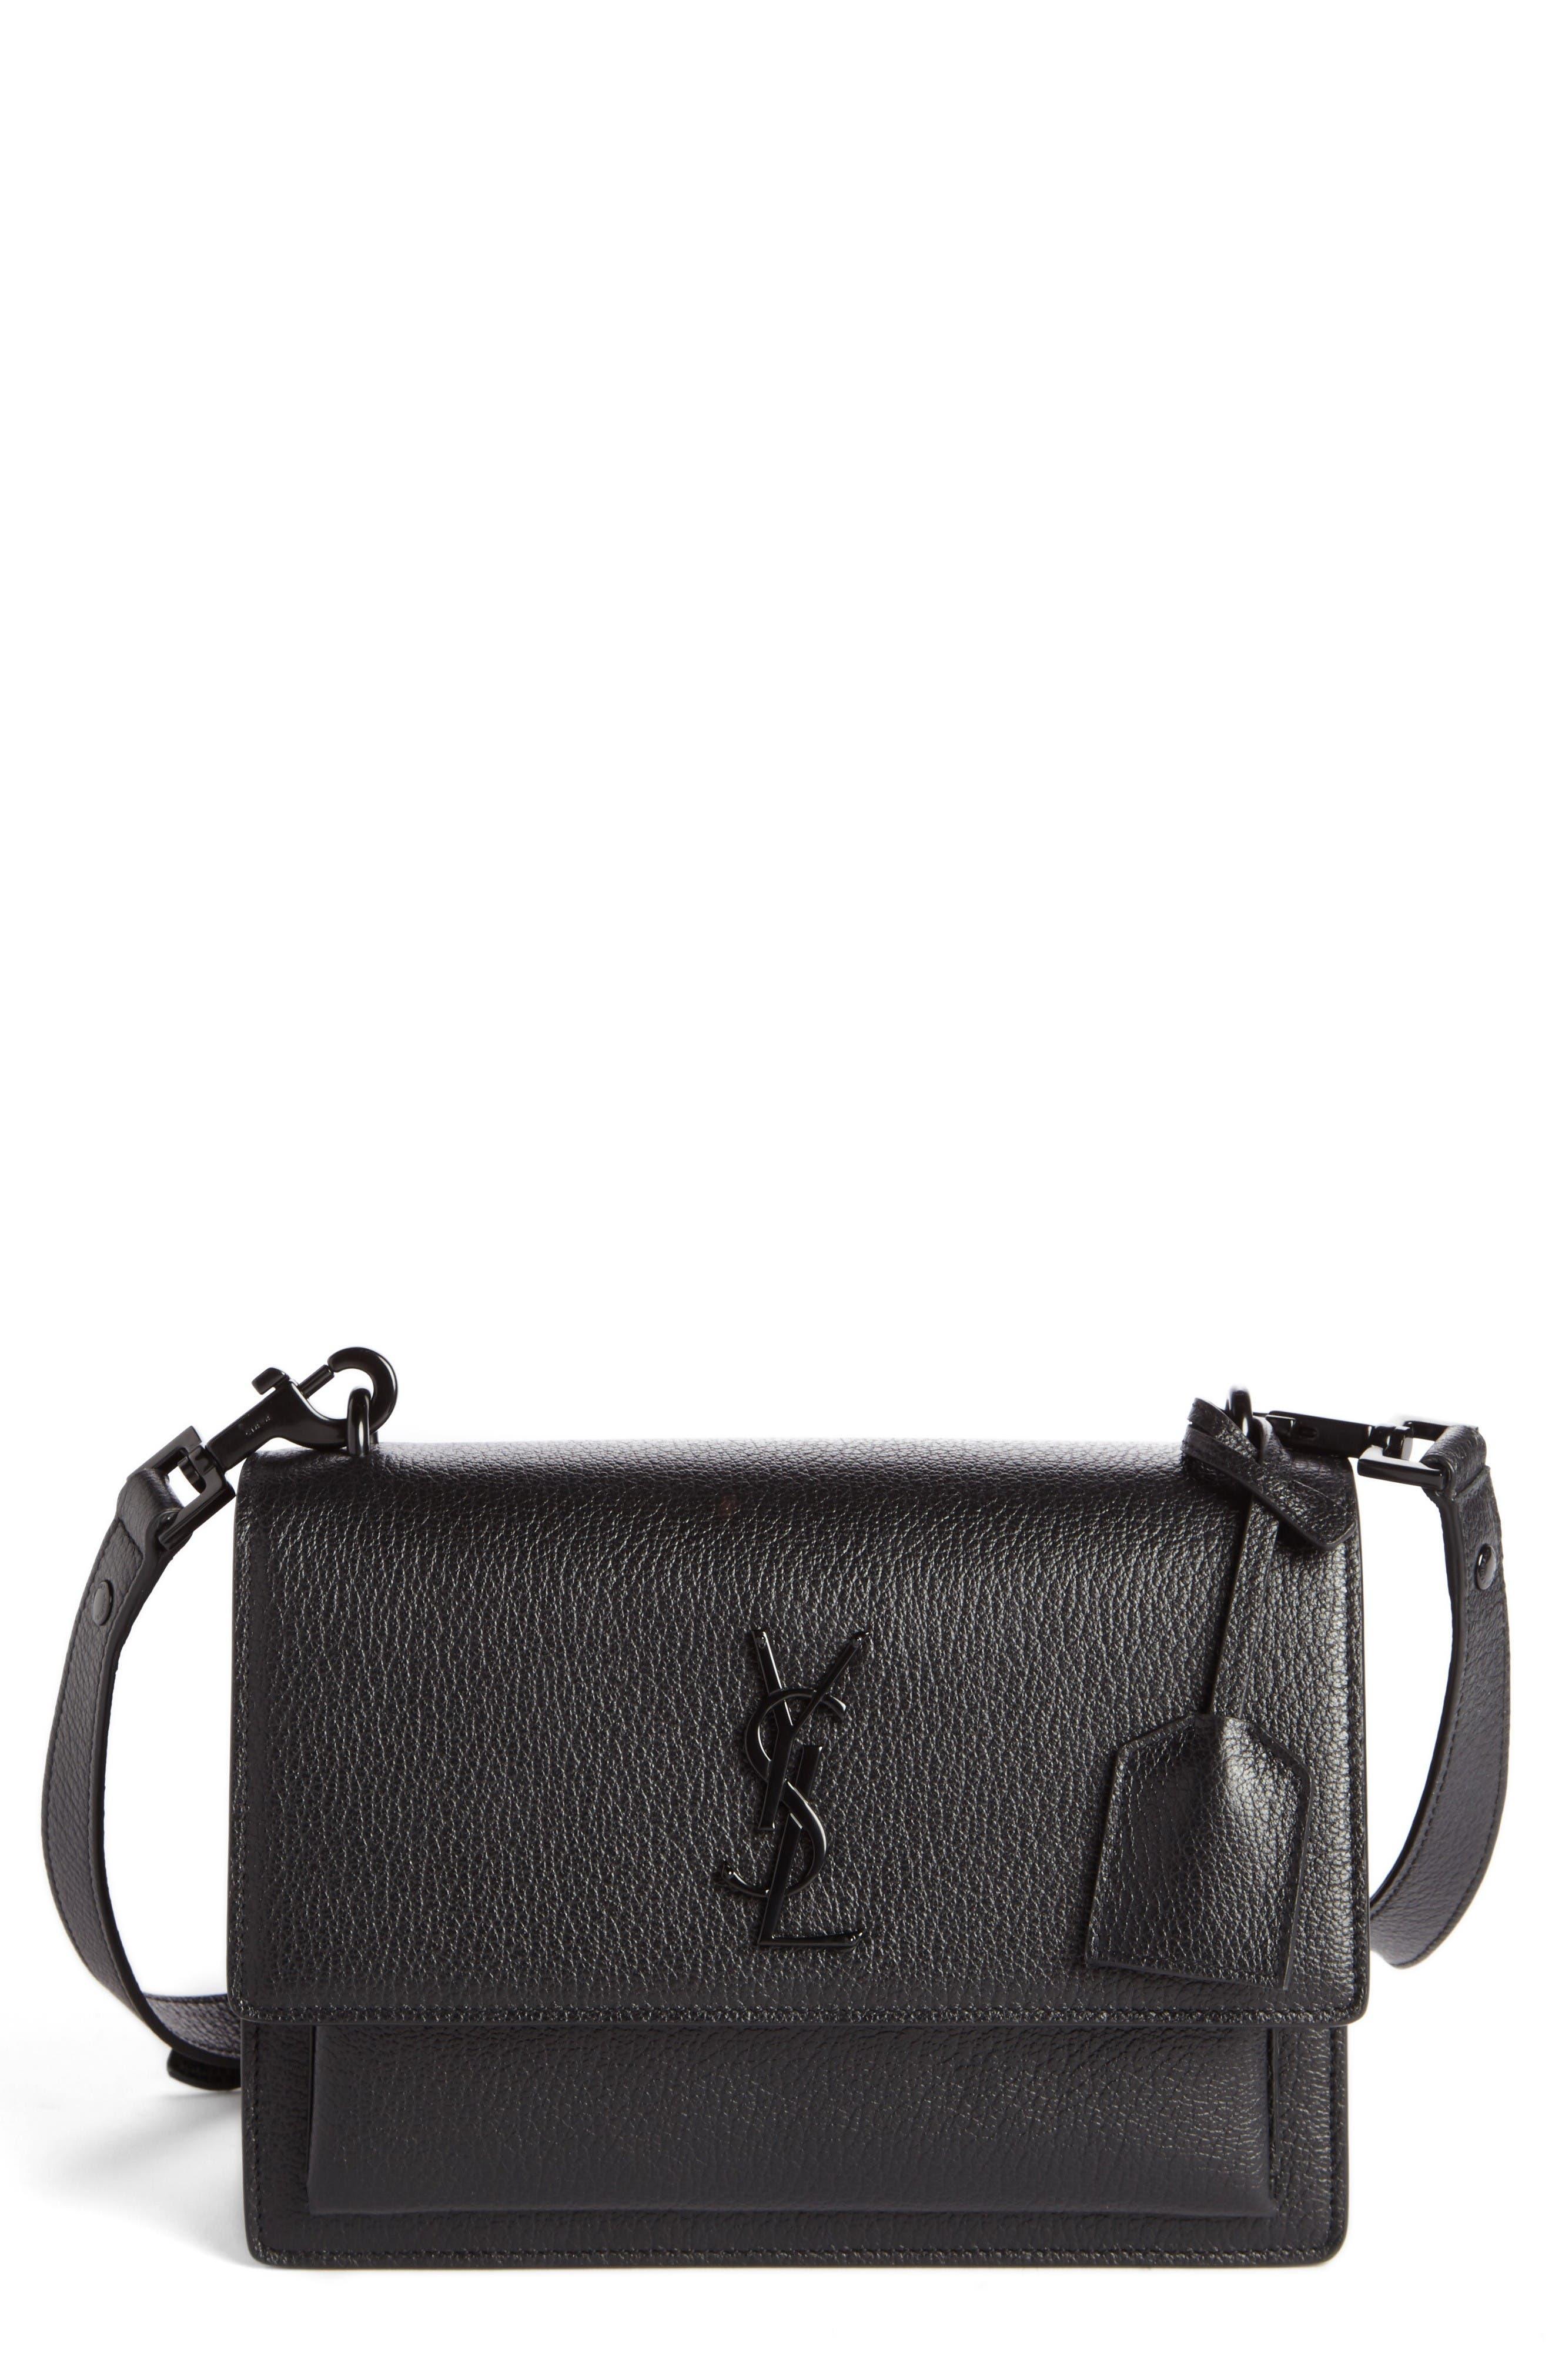 Alternate Image 1 Selected - Saint Laurent Medium Sunset Leather Shoulder Bag